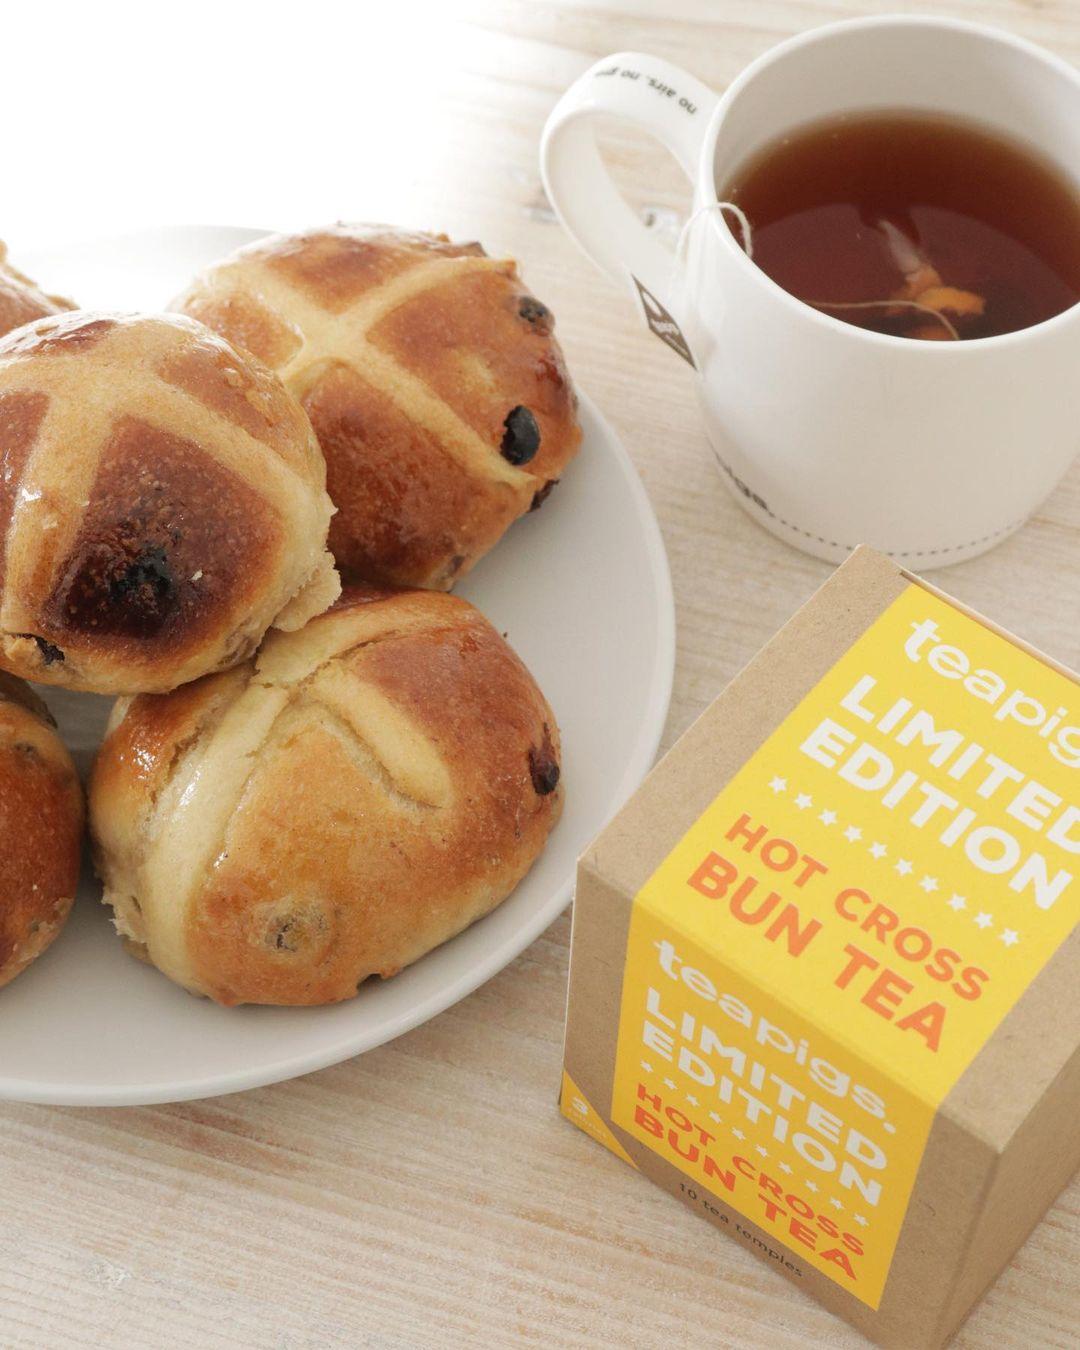 teapigs hot cross bun tea